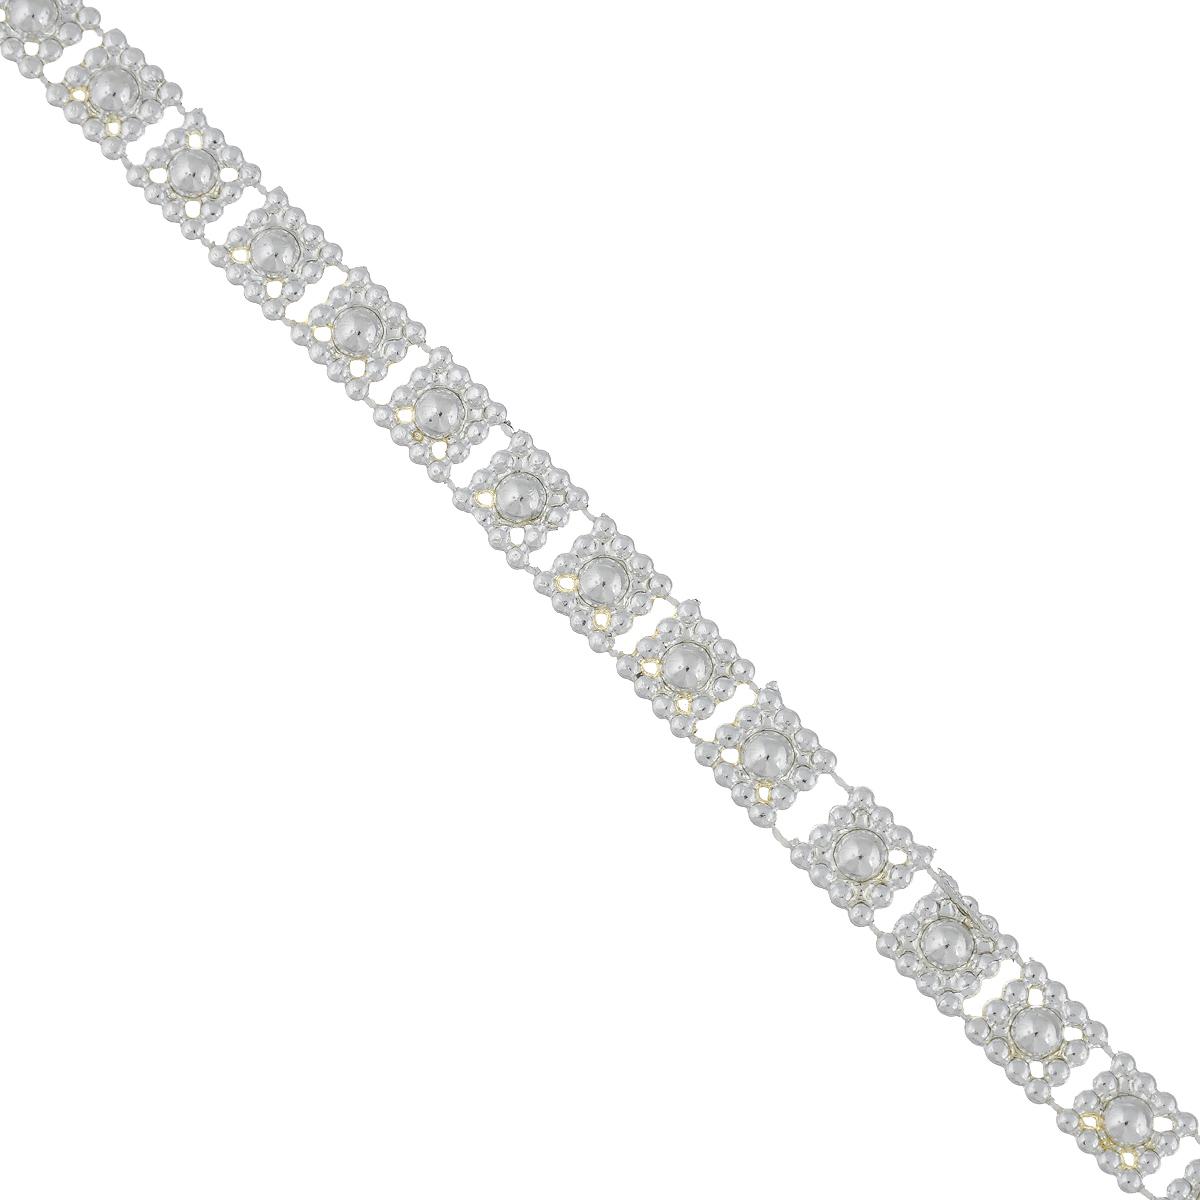 Новогодняя гирлянда Феникс-презент Квадратики, цвет: серебристый, длина 2,7 м38687Новогодняя гирлянда Феникс-презент Квадратики, выполненная из высококачественного полистирола, прекрасно подойдет для декорации новогодней ели. Она подарит сказочную атмосферу и ощущение праздника. Откройте для себя удивительный мир сказок. Почувствуйте волшебные минуты ожидания торжества и новогоднего настроения. Ширина гирлянды: 0,9 см.